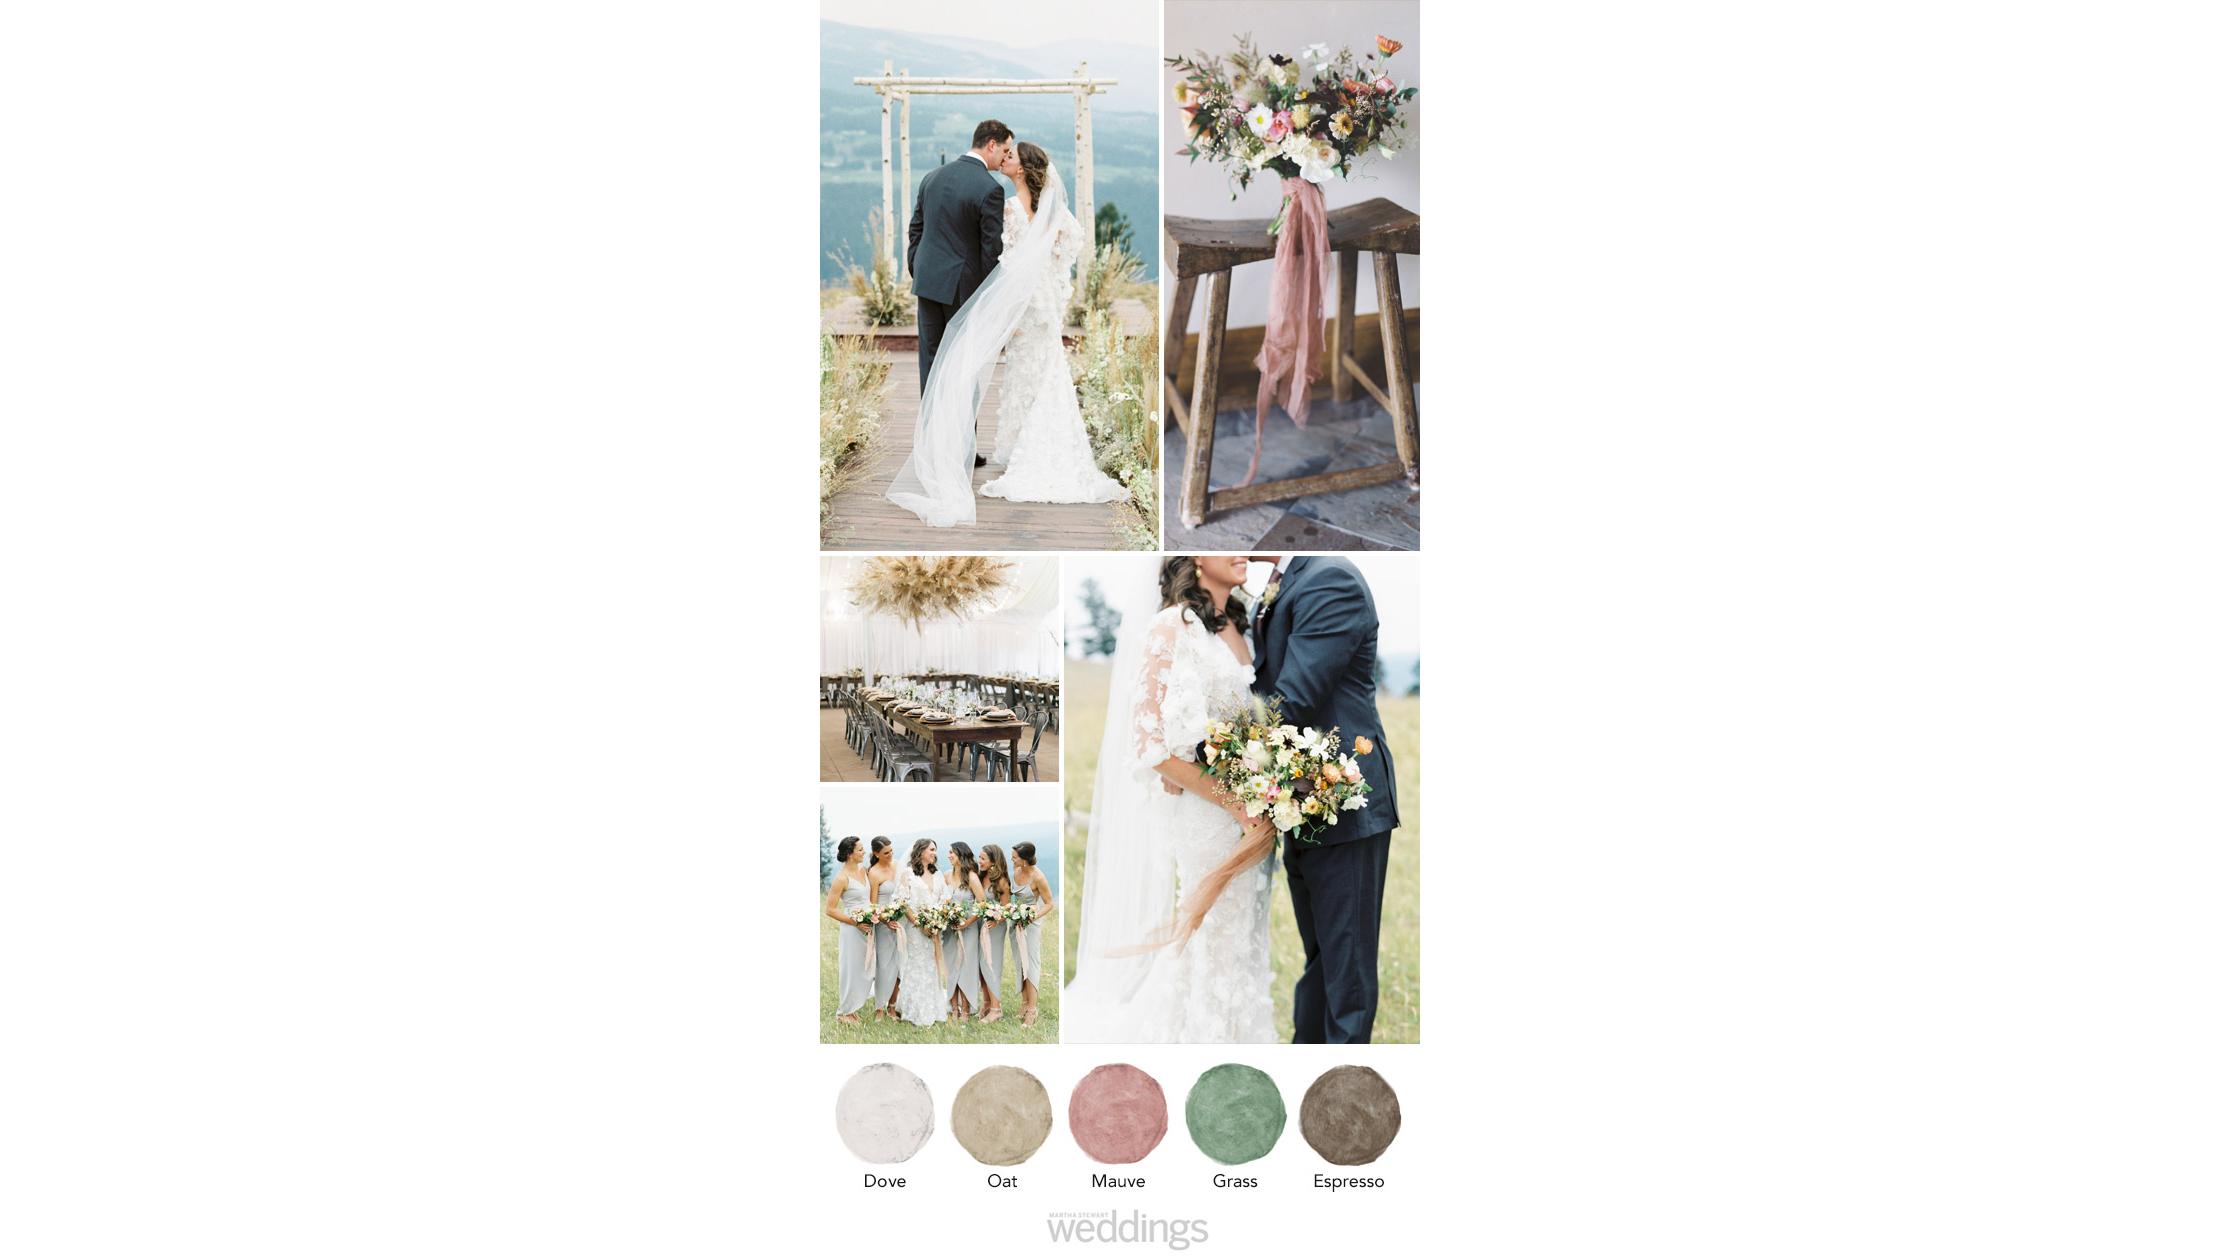 mountain mauve wedding color palette ideas